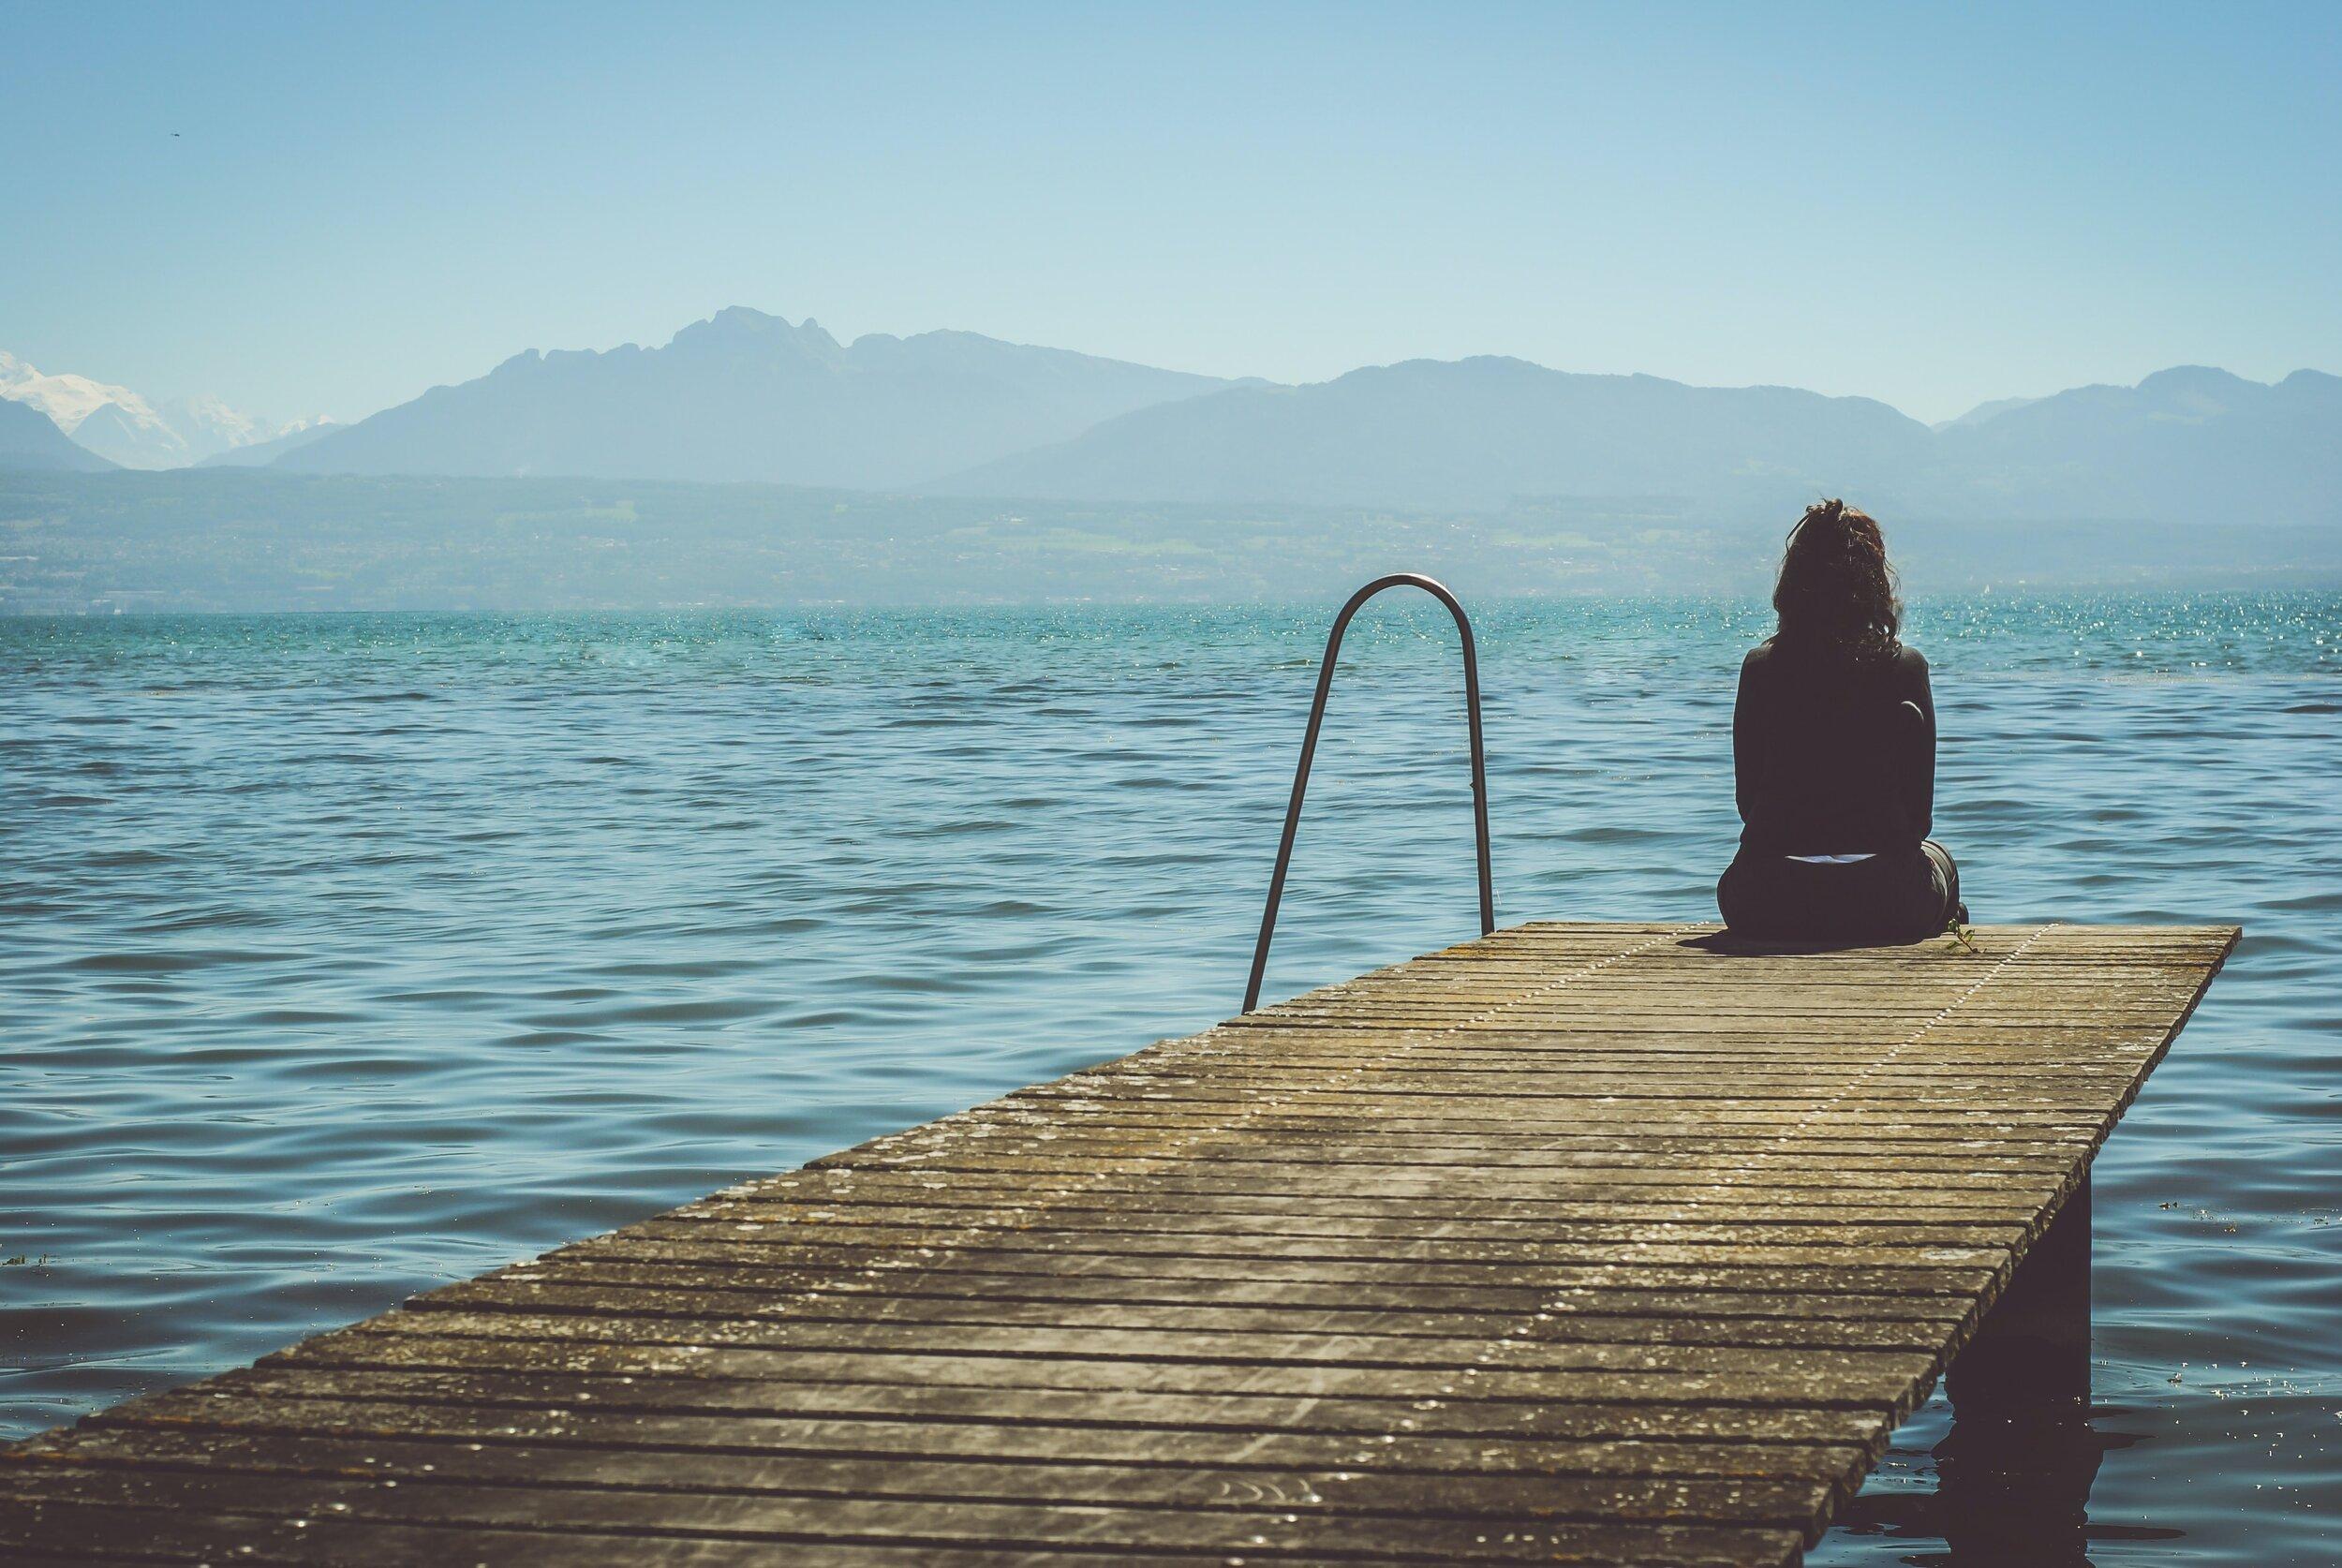 girl-sitting-on-dock-by-ocean_Jeff_Heggie_Mindset_blog.jpg